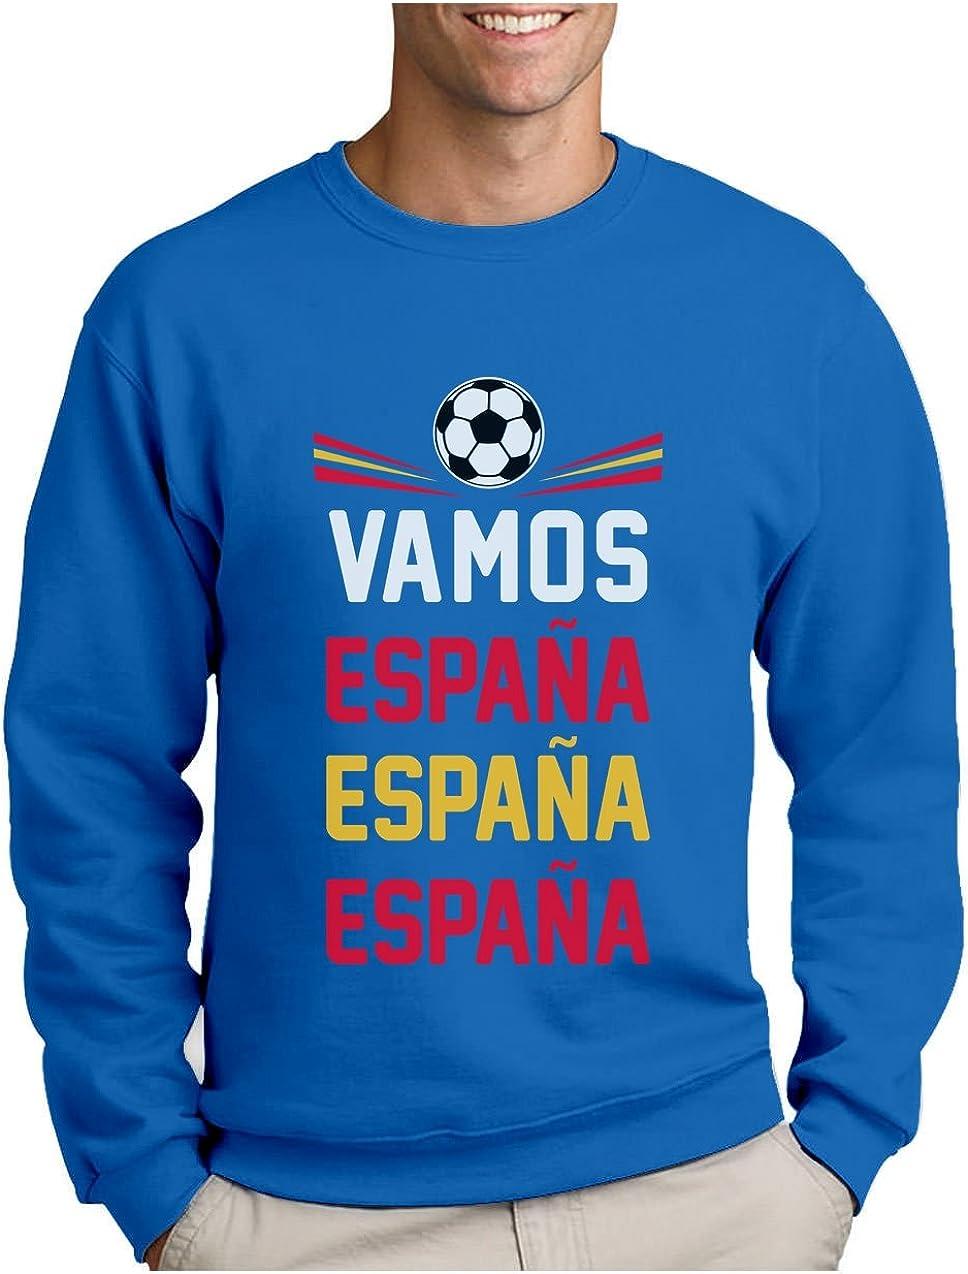 Green Turtle T-Shirts Sudadera para Hombre - Vamos España - Apoyemos a la elección Española! Large Azul: Amazon.es: Ropa y accesorios